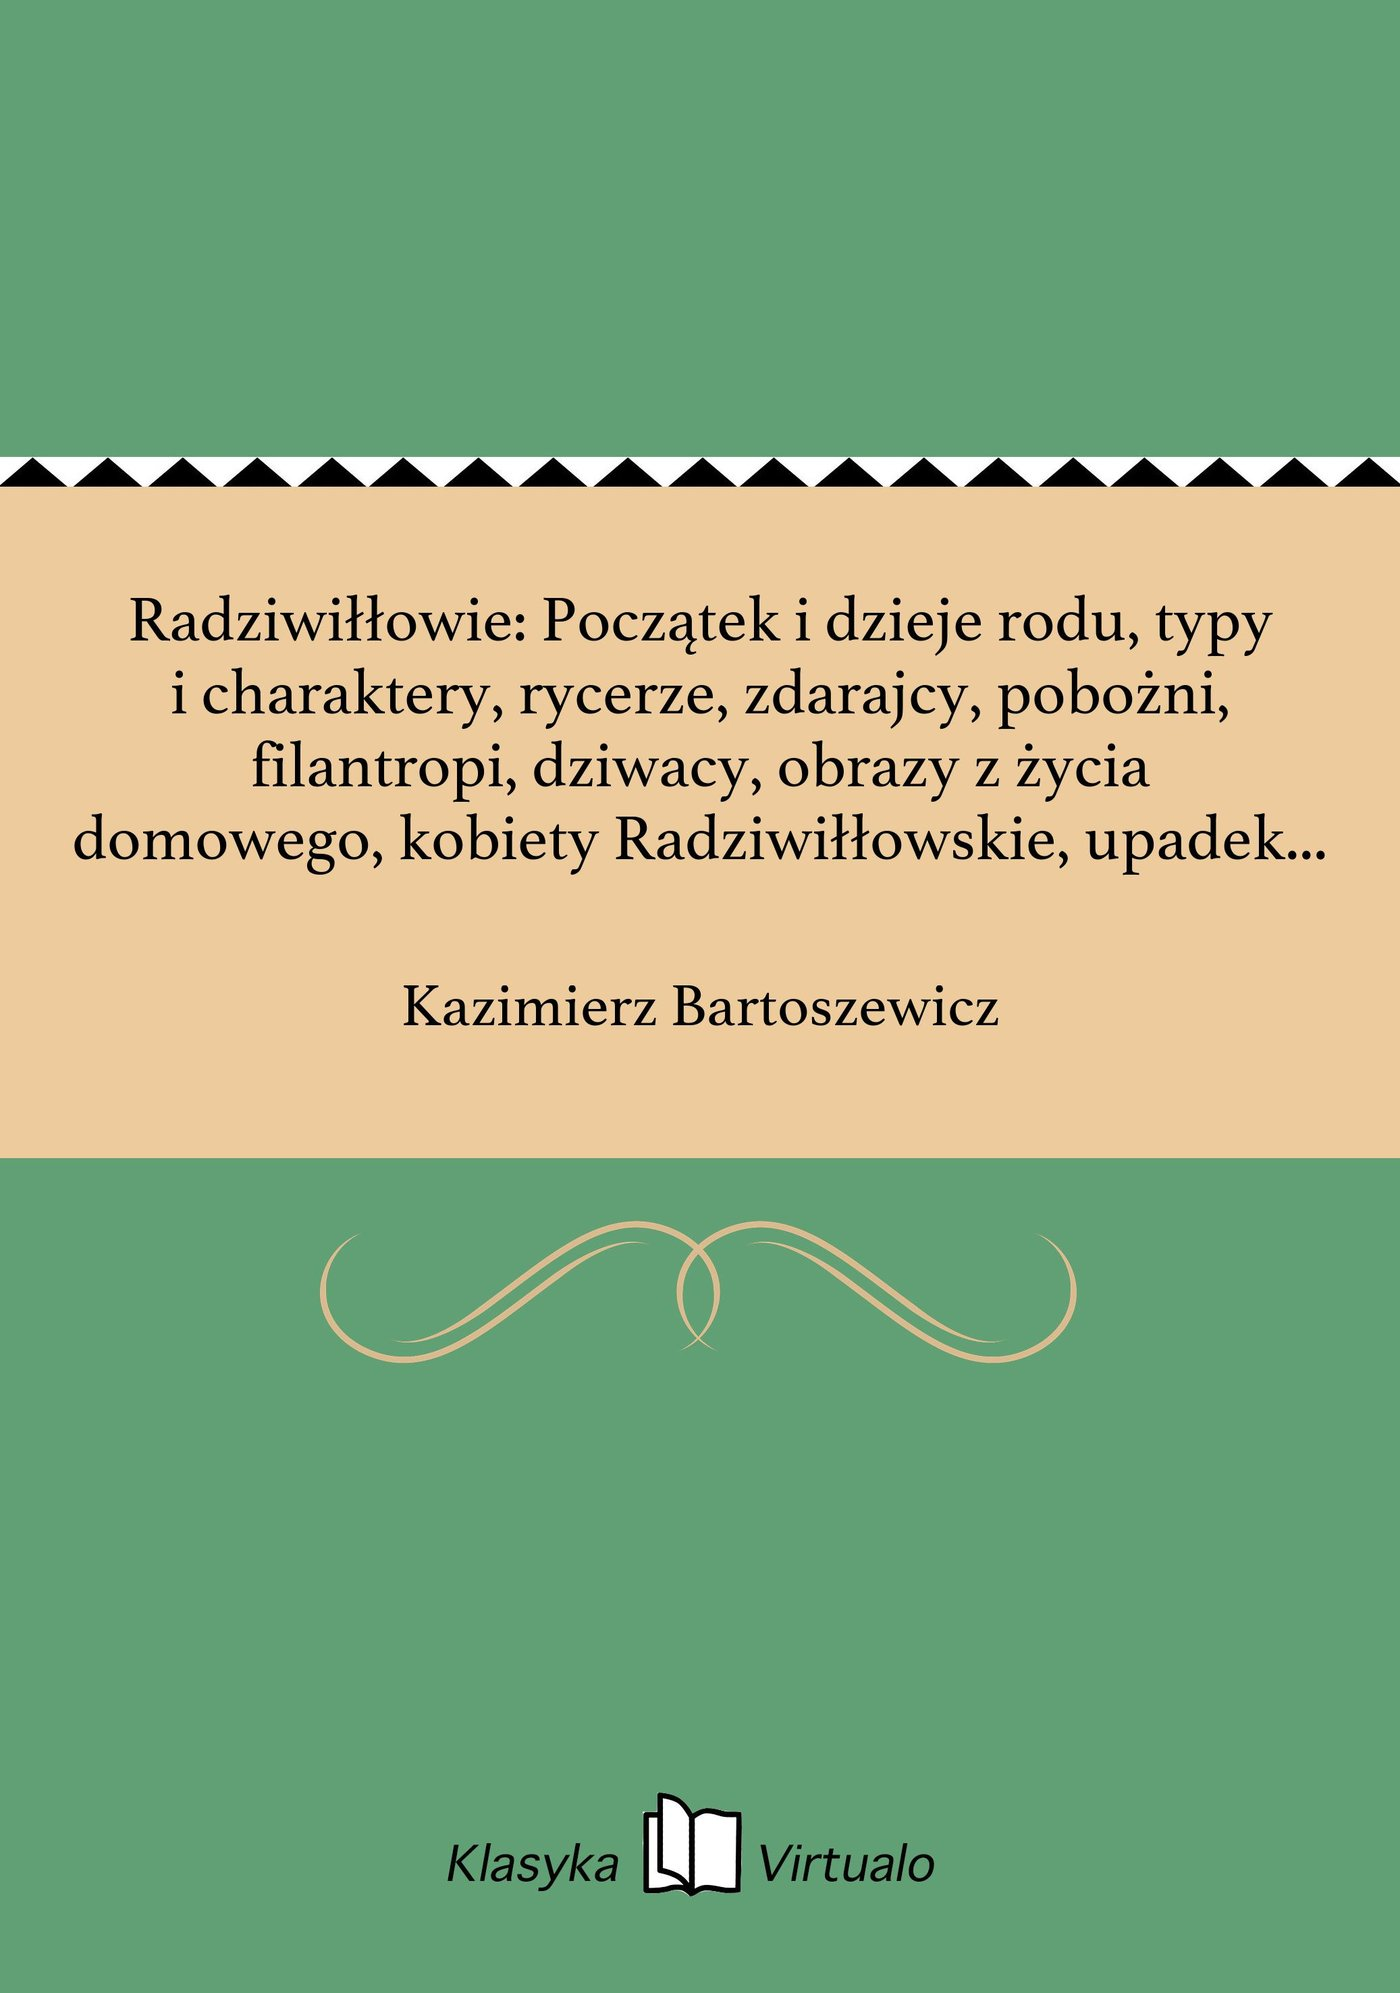 Radziwiłłowie: Początek i dzieje rodu, typy i charaktery, rycerze, zdarajcy, pobożni, filantropi, dziwacy, obrazy z życia domowego, kobiety Radziwiłłowskie, upadek Nieświeża i jego odrodzenie - Ebook (Książka EPUB) do pobrania w formacie EPUB